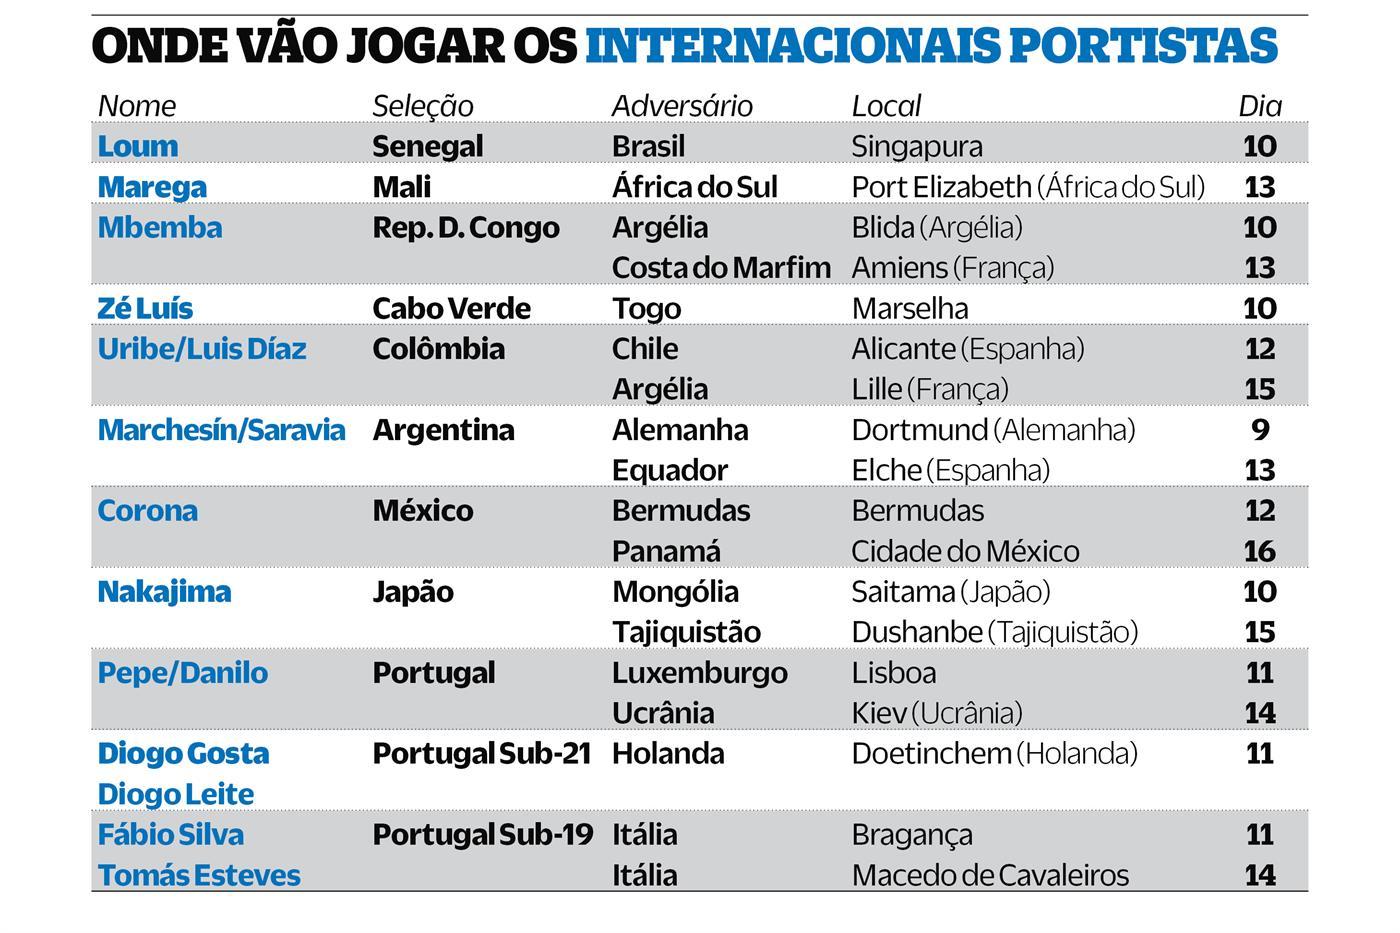 Sérgio Conceição com apenas oito jogadores para preparar a Taça: saiba quem